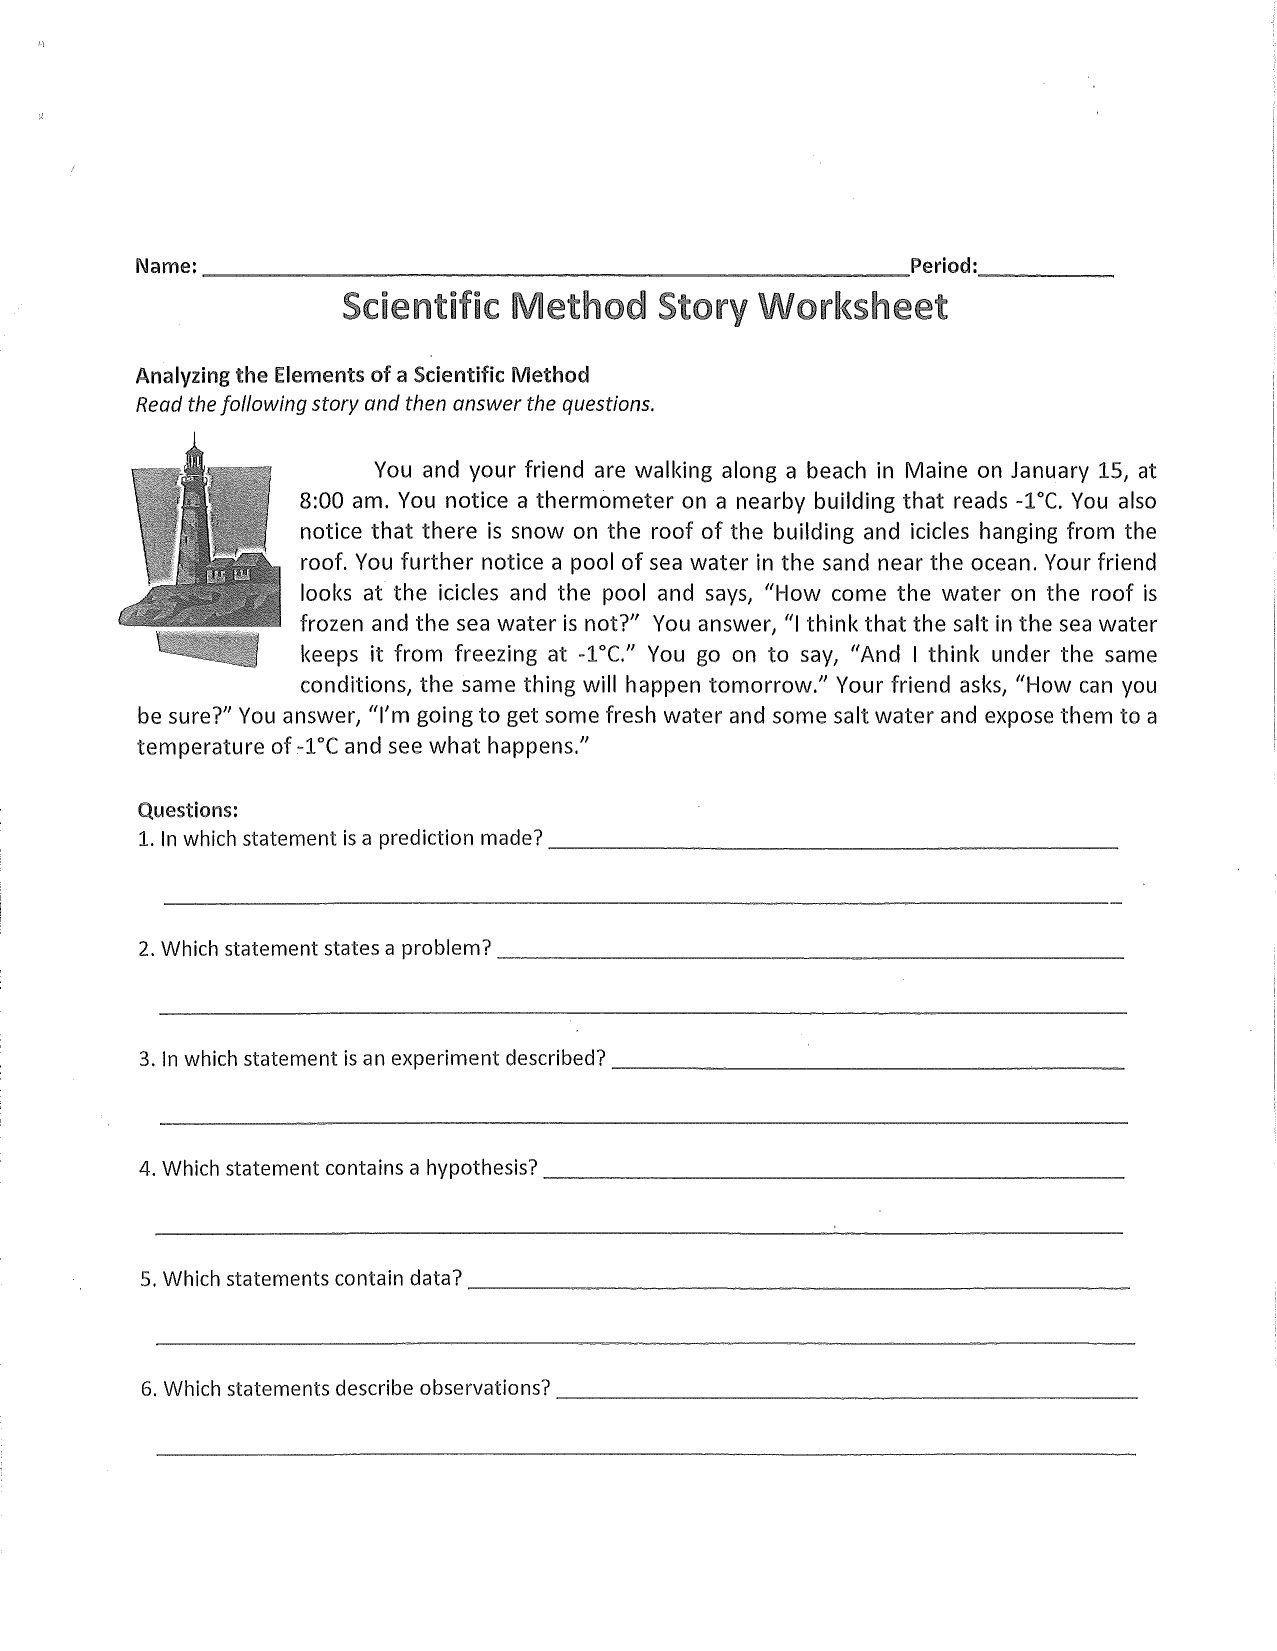 Scientific Method Story Worksheet Worksheet Story